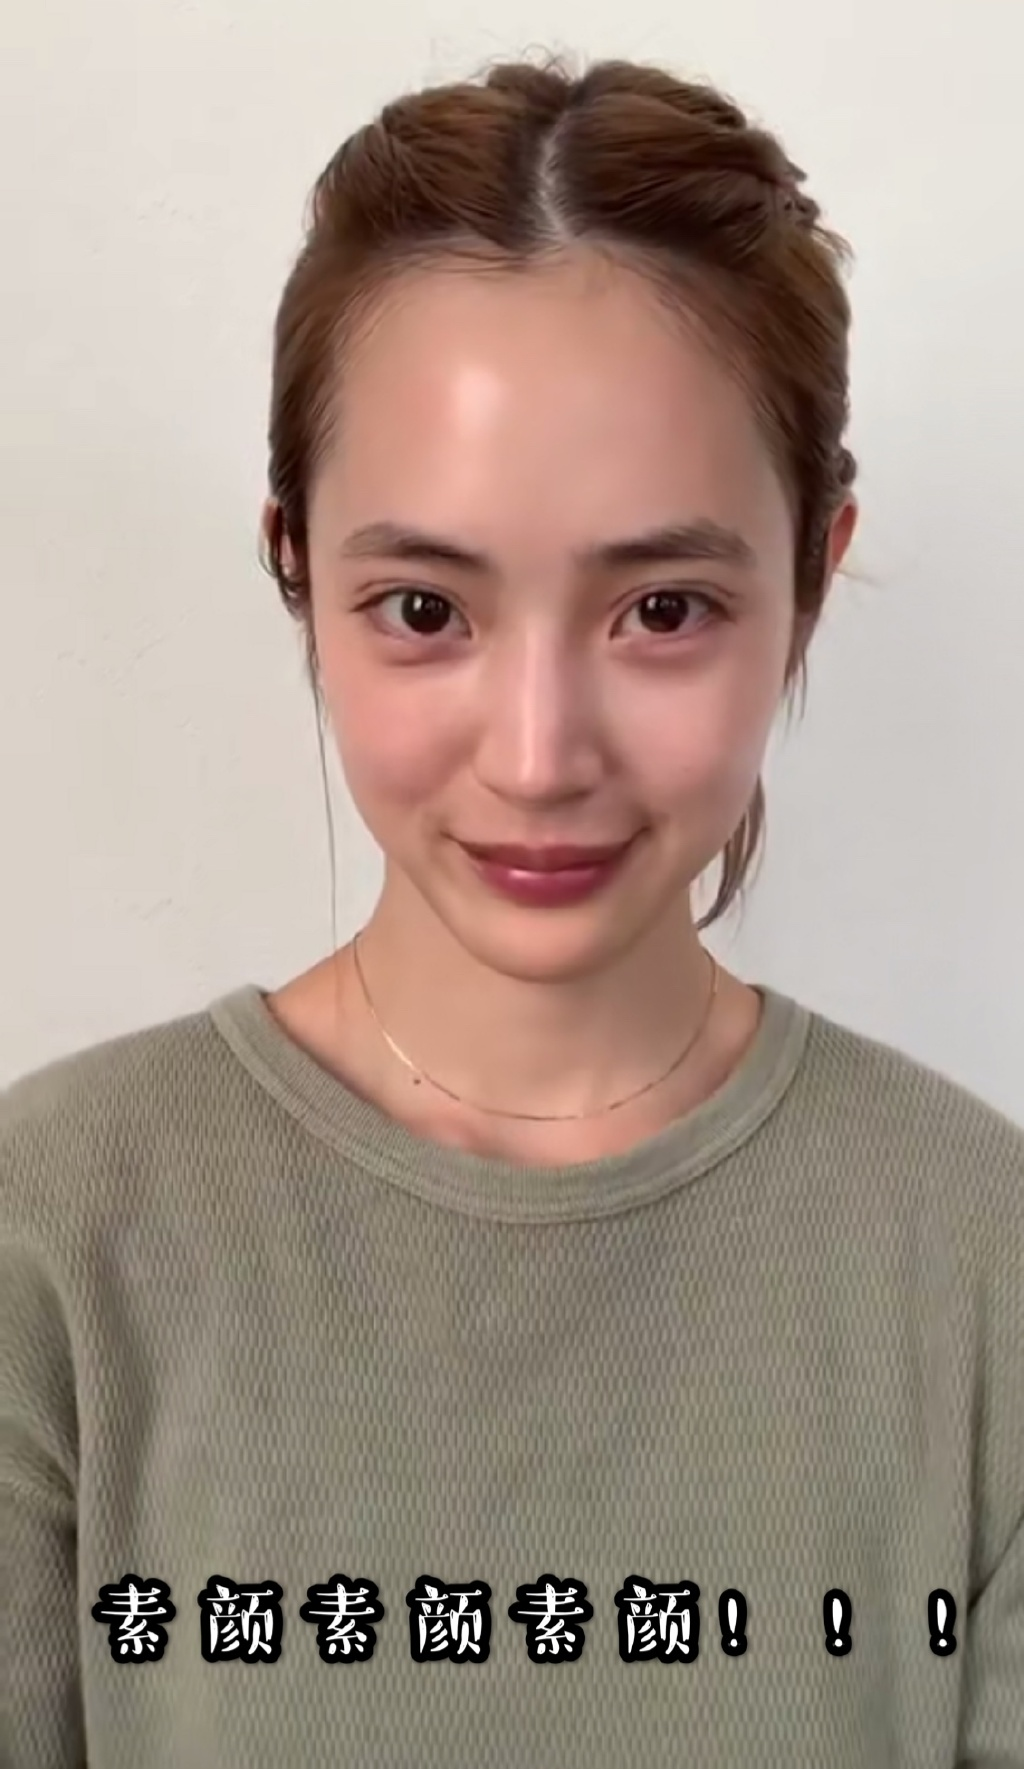 藤田素颜和化妆有啥区别????我落泪 涨姿势 第4张